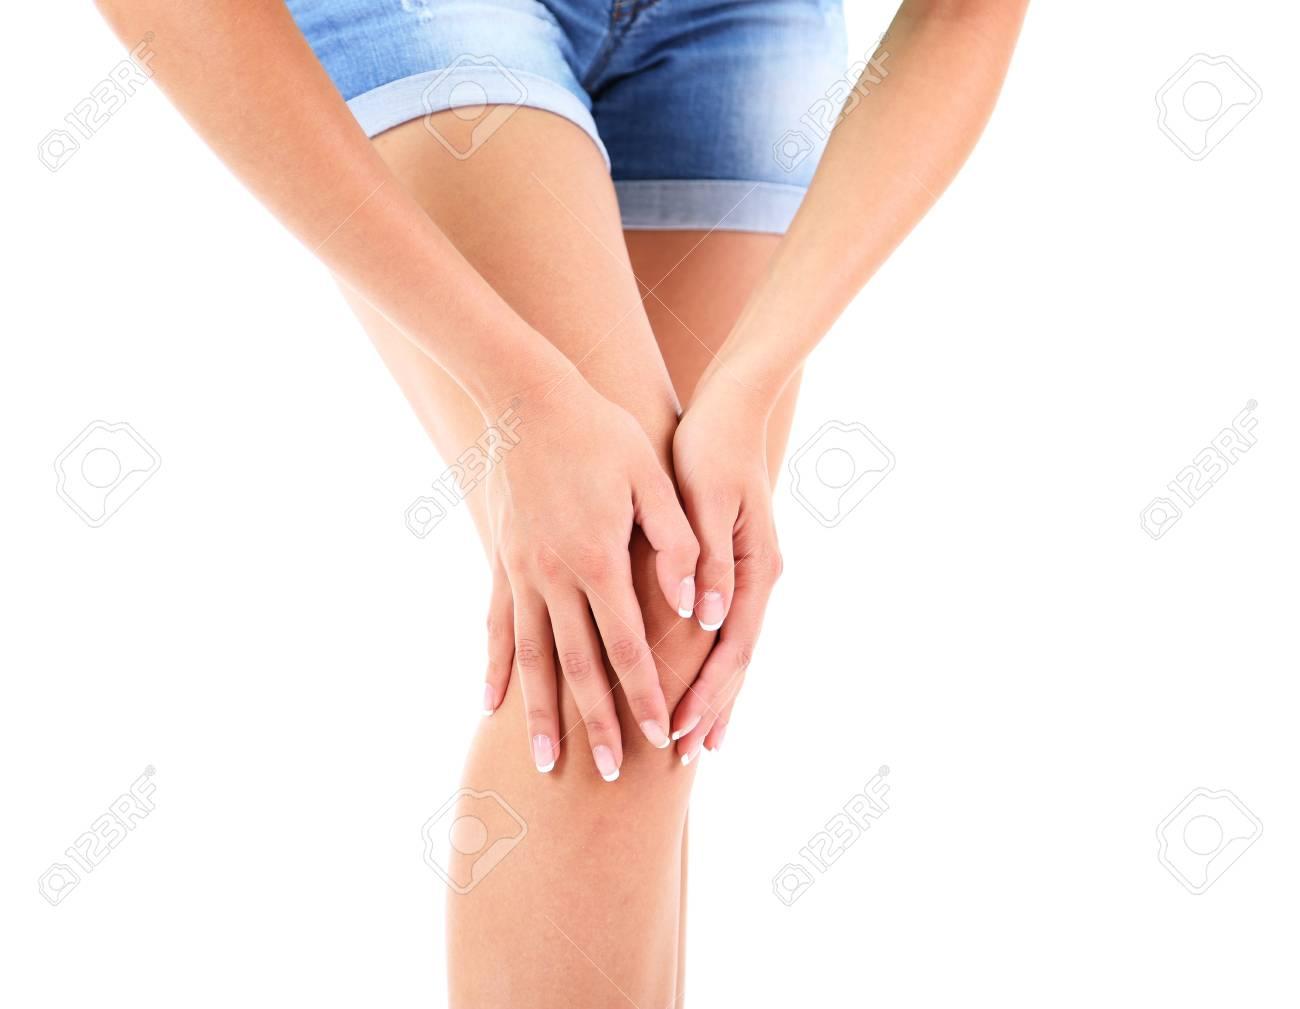 maux de pied